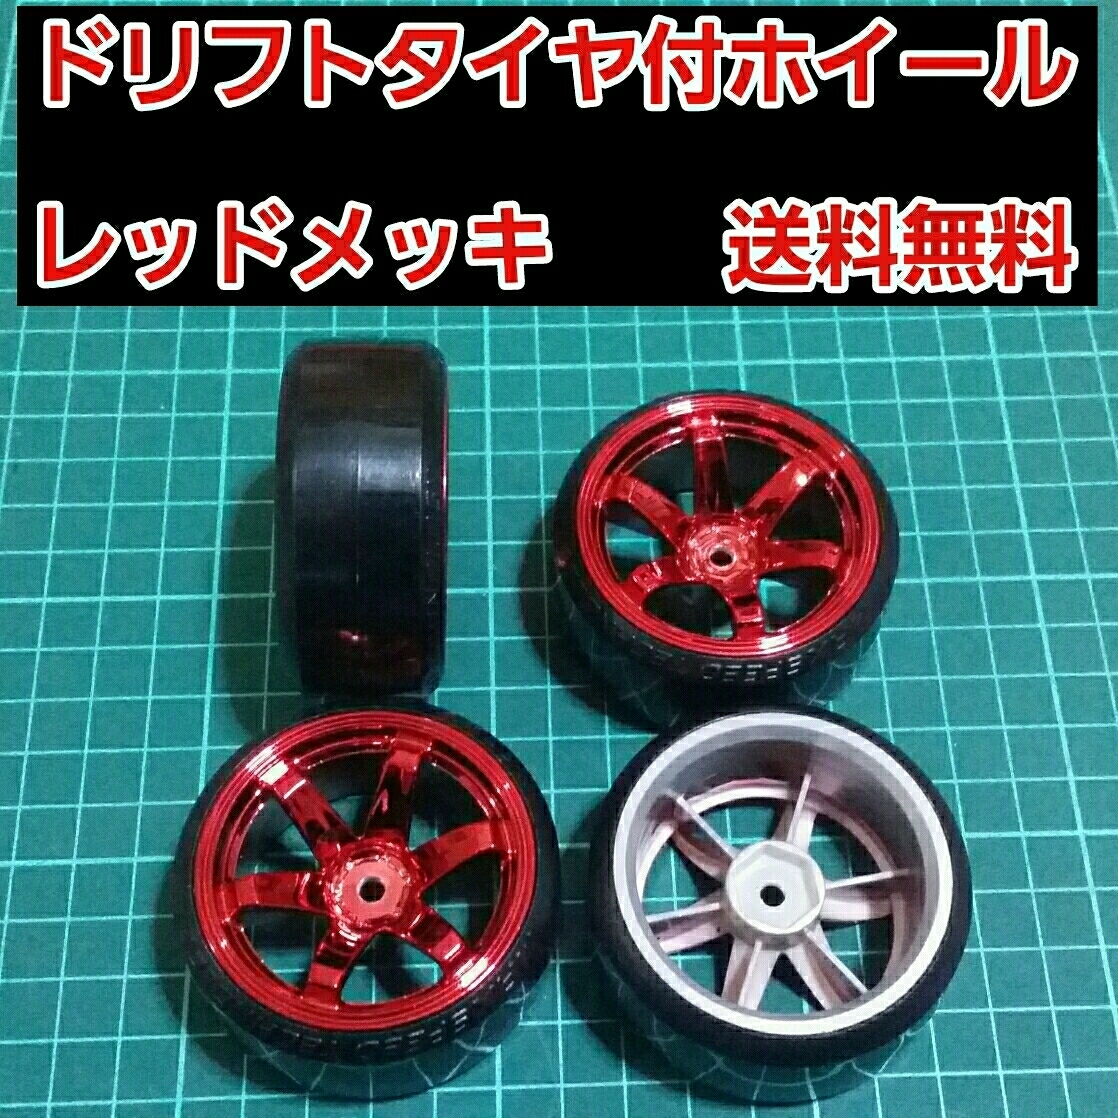 《送料無料》1/10 ドリフト タイヤ 4本 付 ホイール 新品 レッド   ヨコモ タミヤ ラジコン ヨコモ ドリパケ タミヤ TT01 TT02